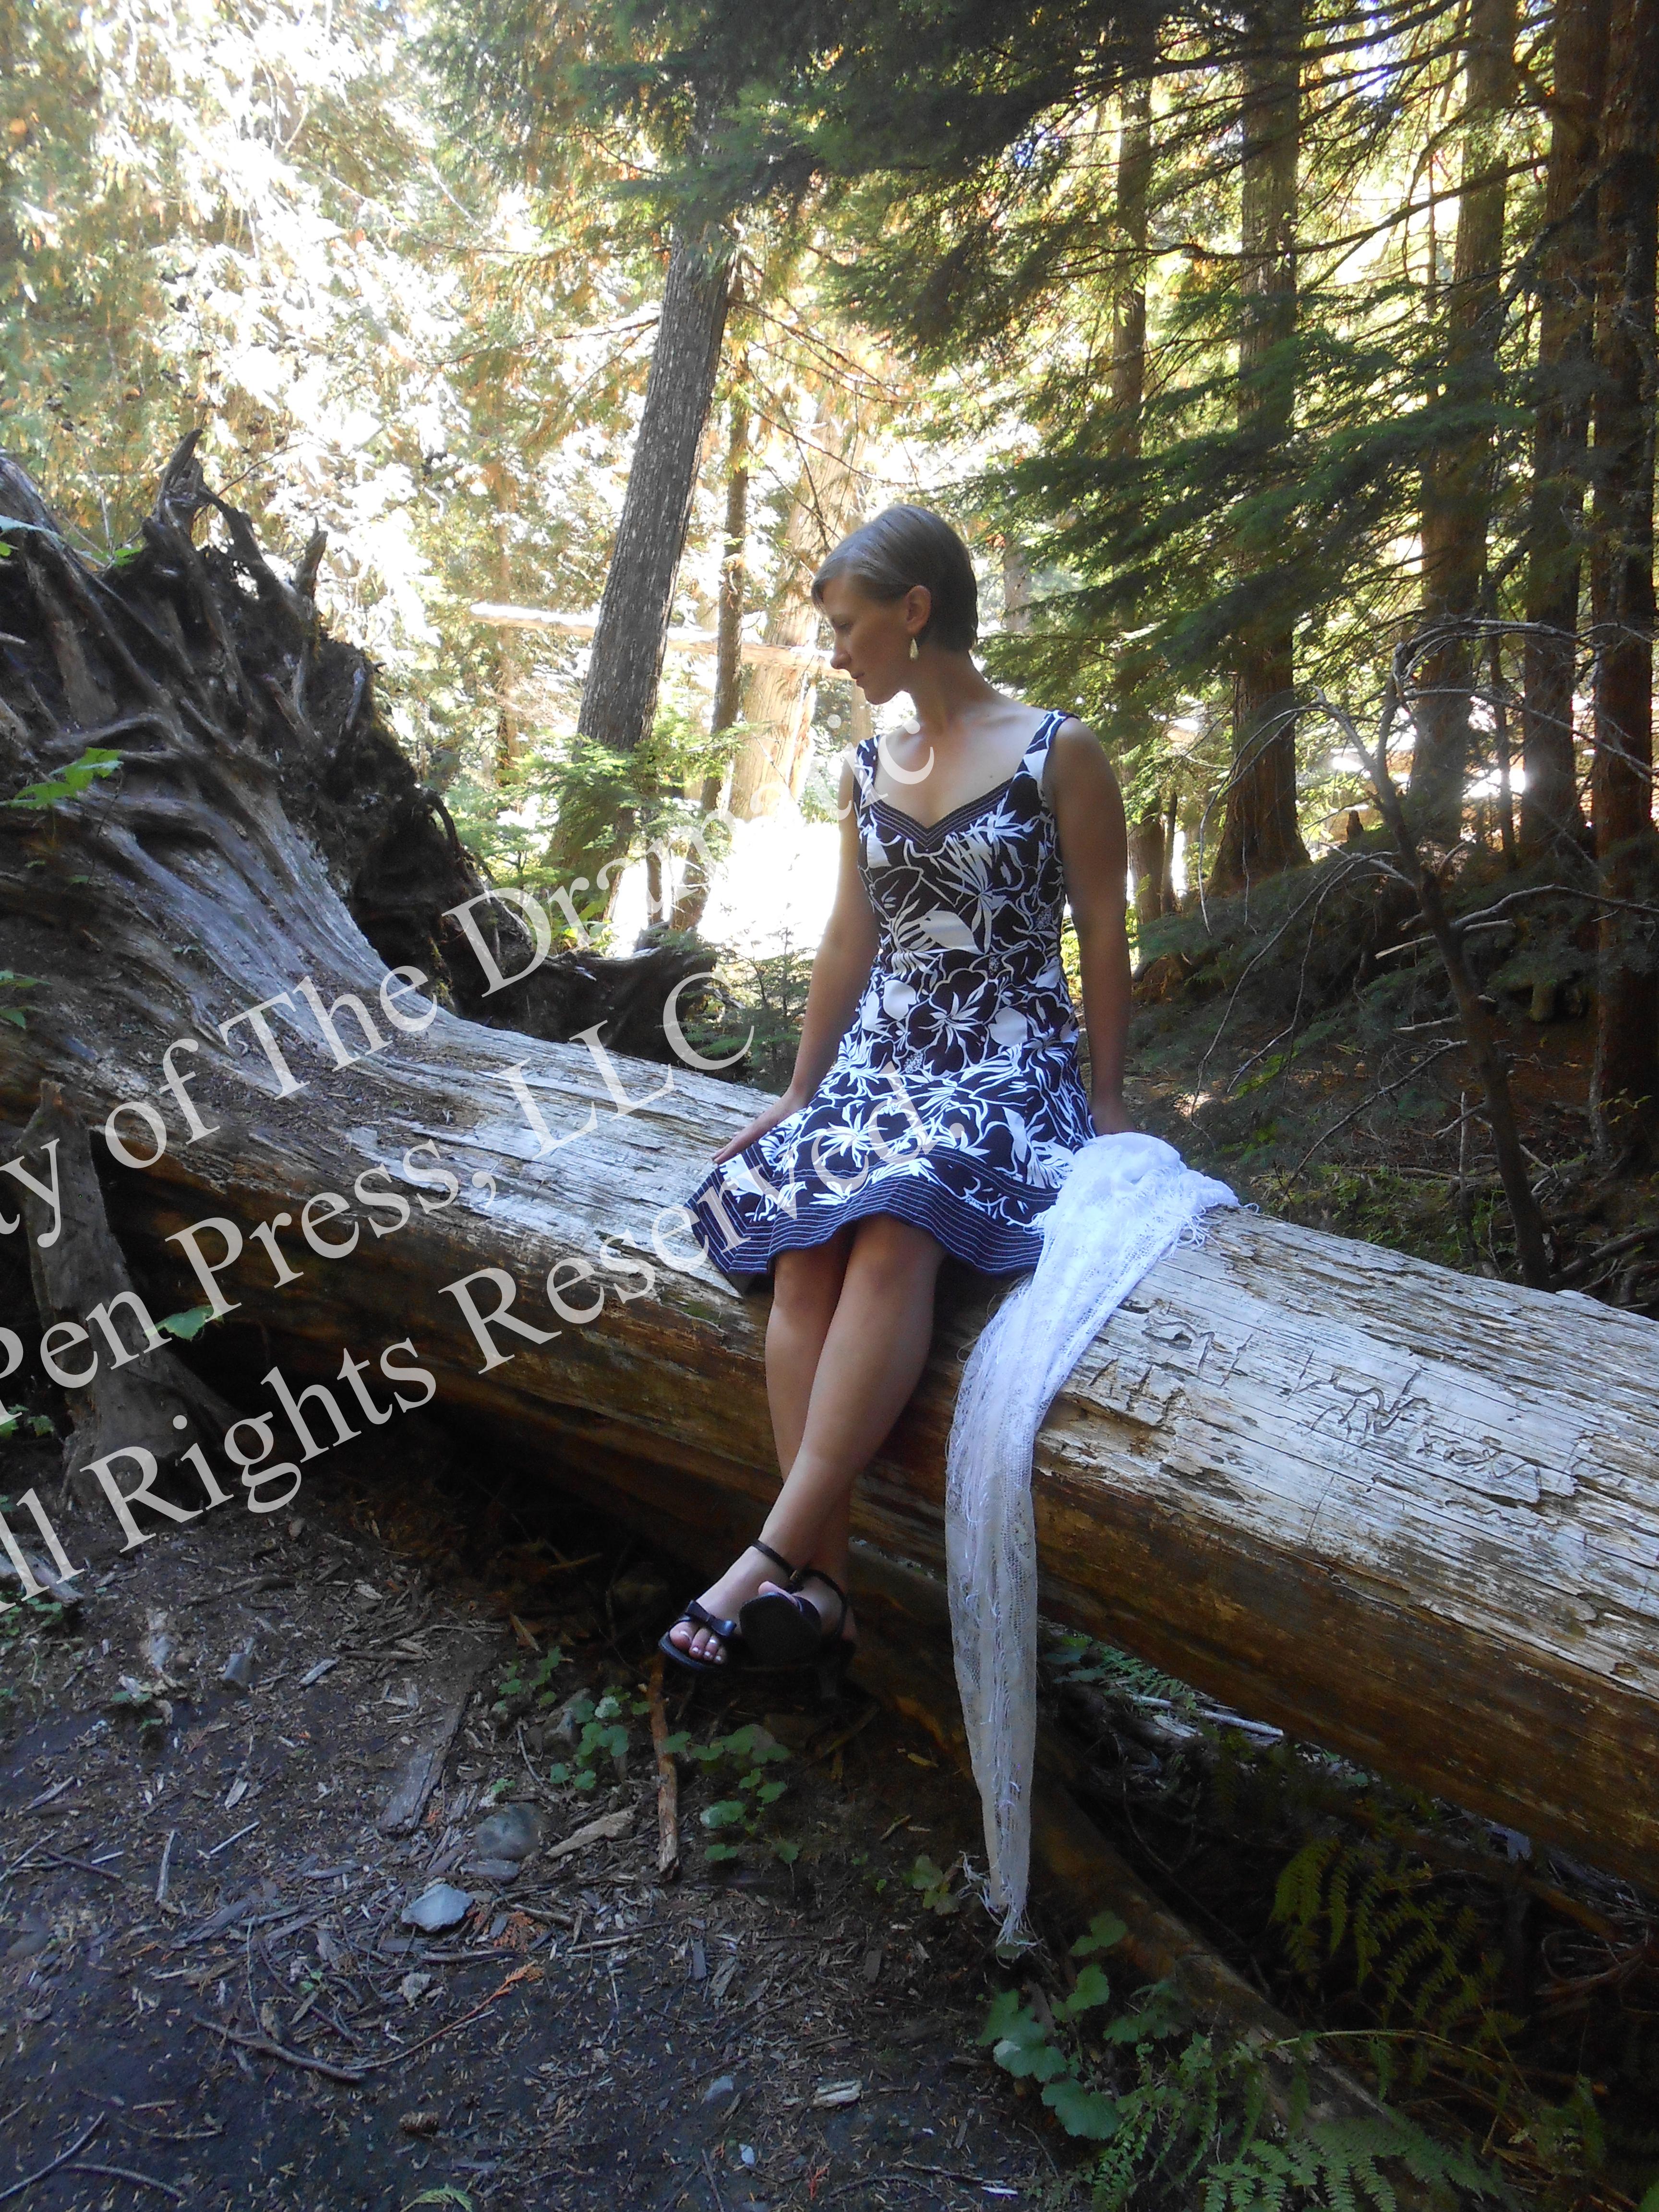 Woman Sitting on Fallen Tree